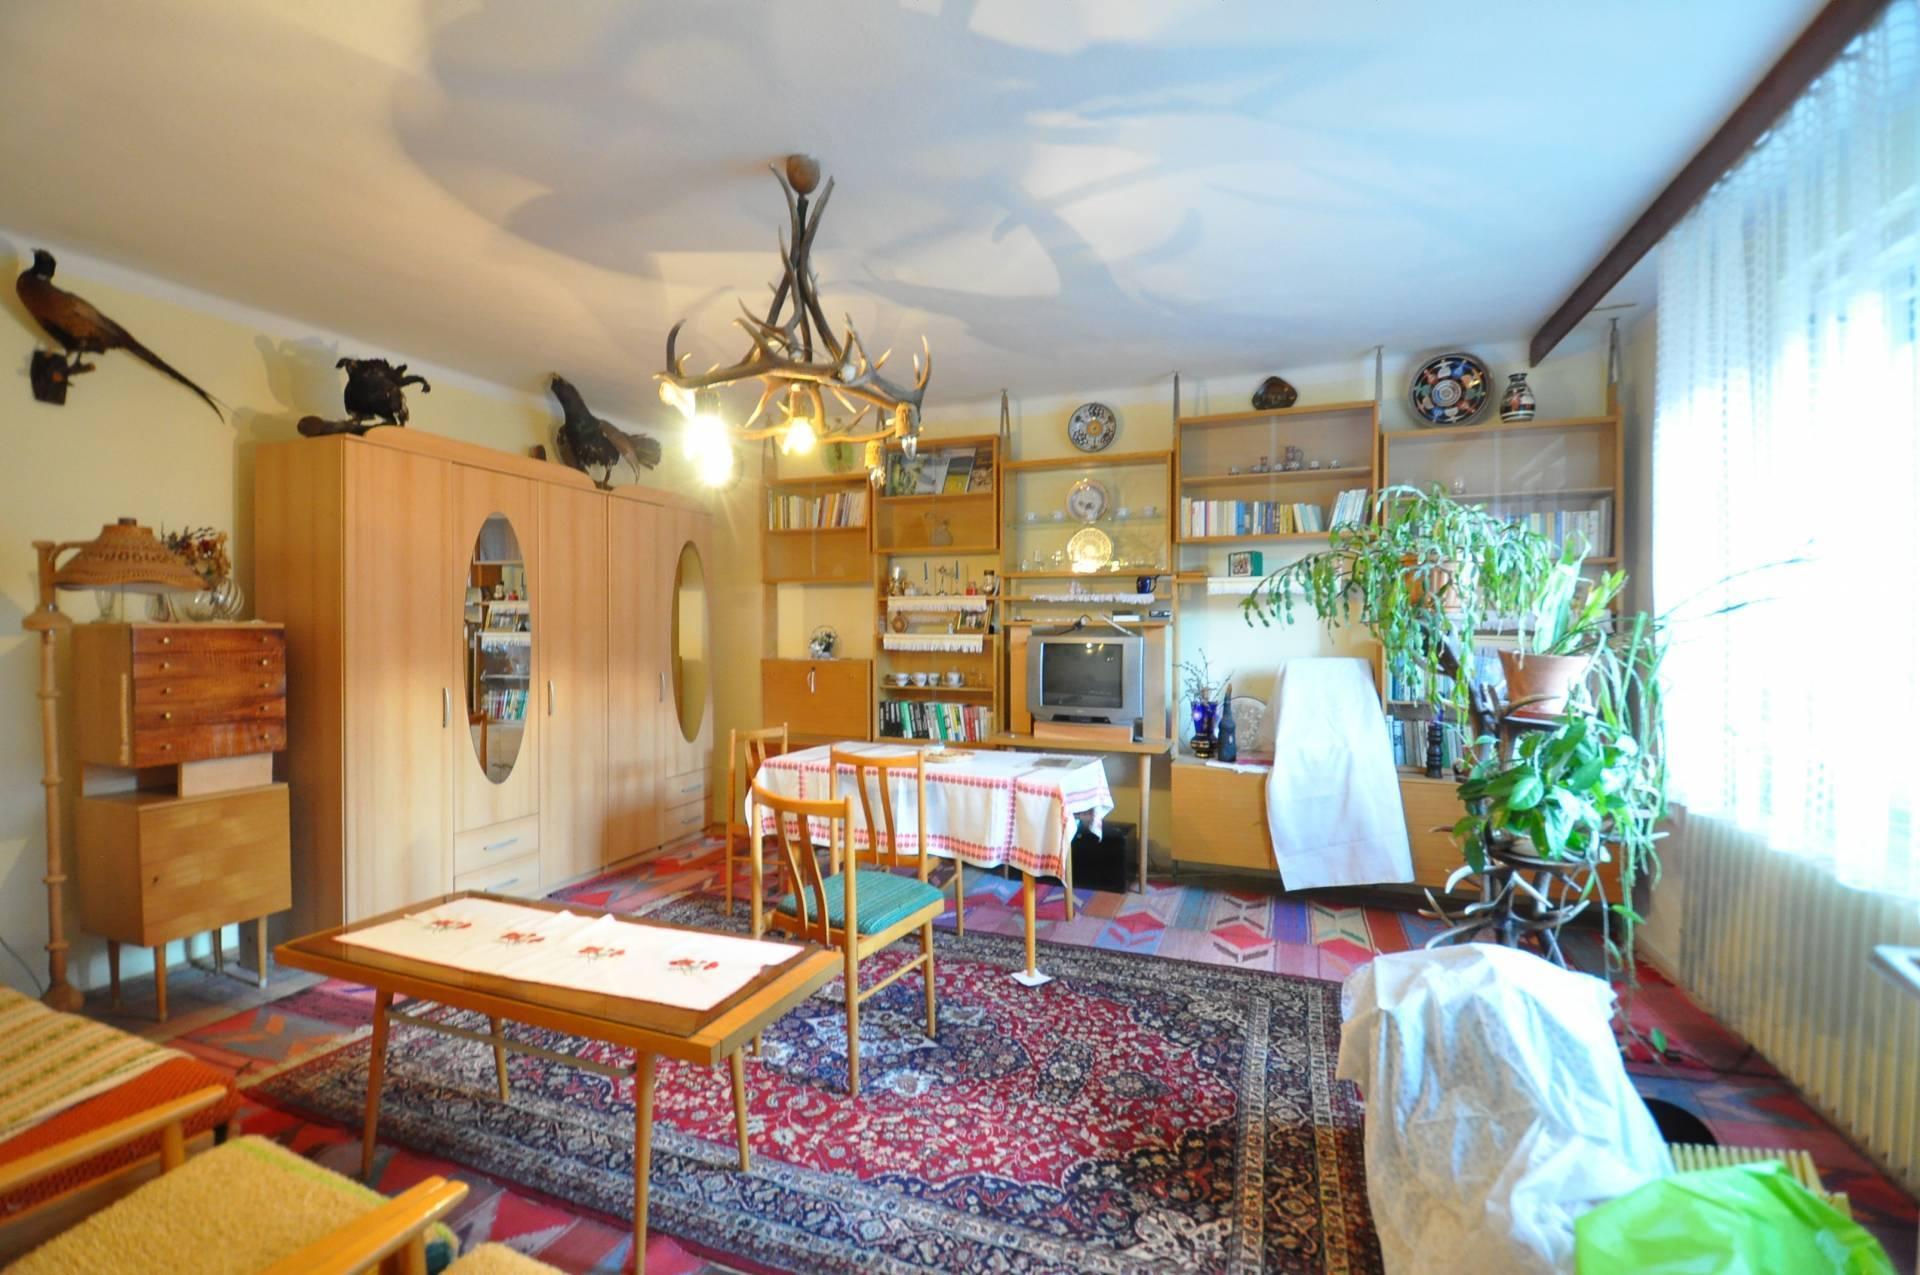 Predaj domu 108 m2, Vikartovce - PREDAJ, Rodinný dom, Vikartovce, Ul. Riečna, pozemok 815m2,